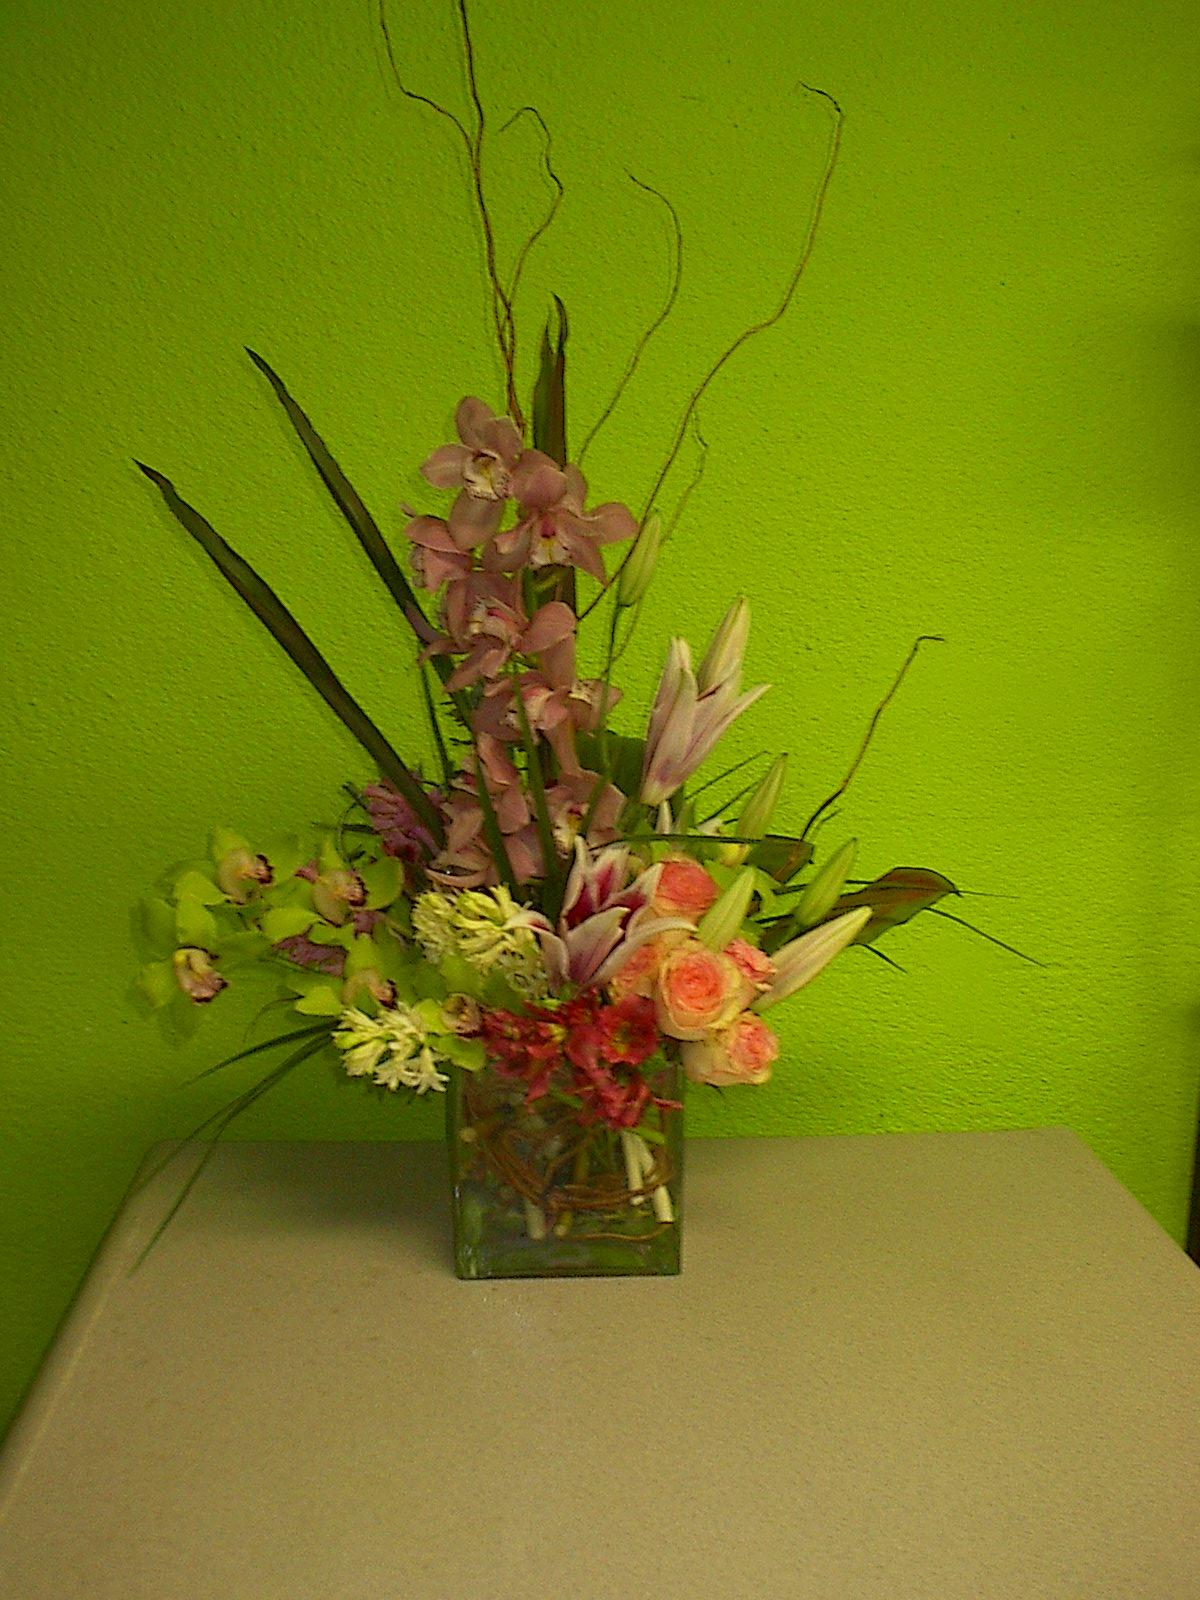 Las Vegas Flowers Premier Event Florists March 2011